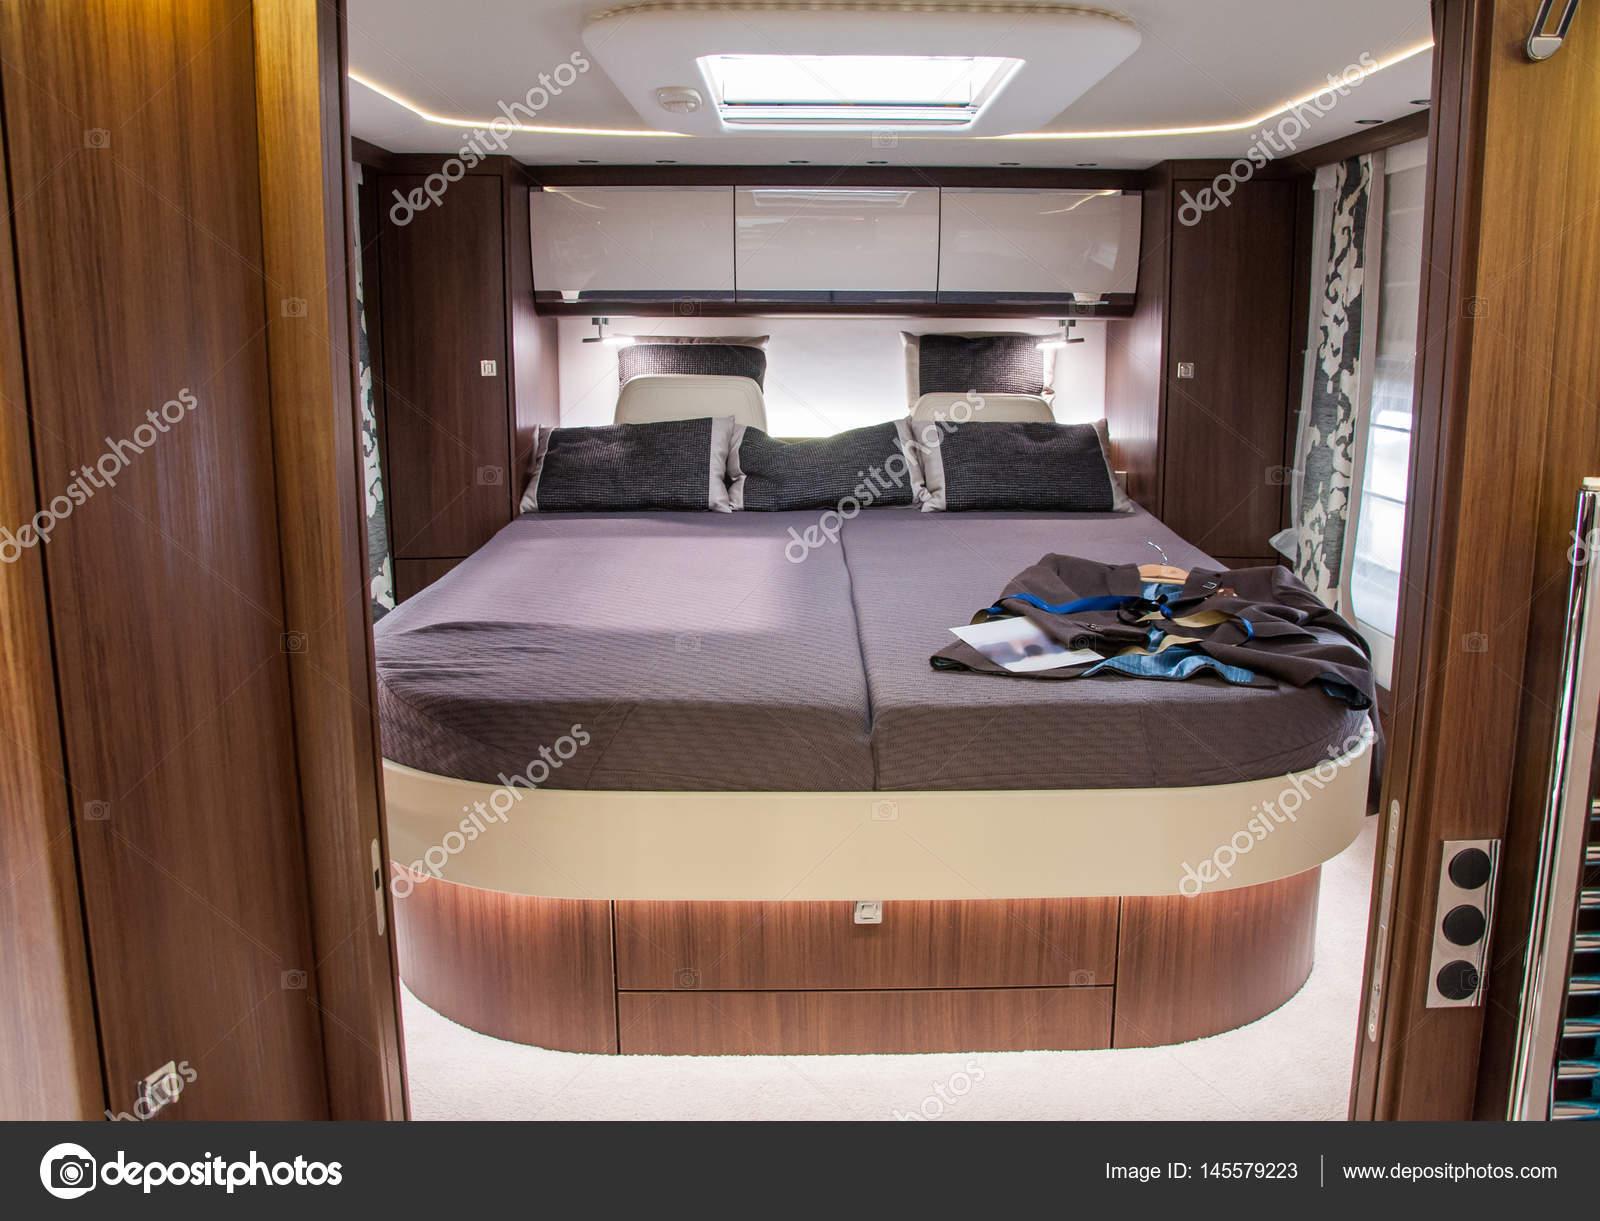 https://st3.depositphotos.com/3009117/14557/i/1600/depositphotos_145579223-stockafbeelding-interieur-van-luxe-caravan.jpg